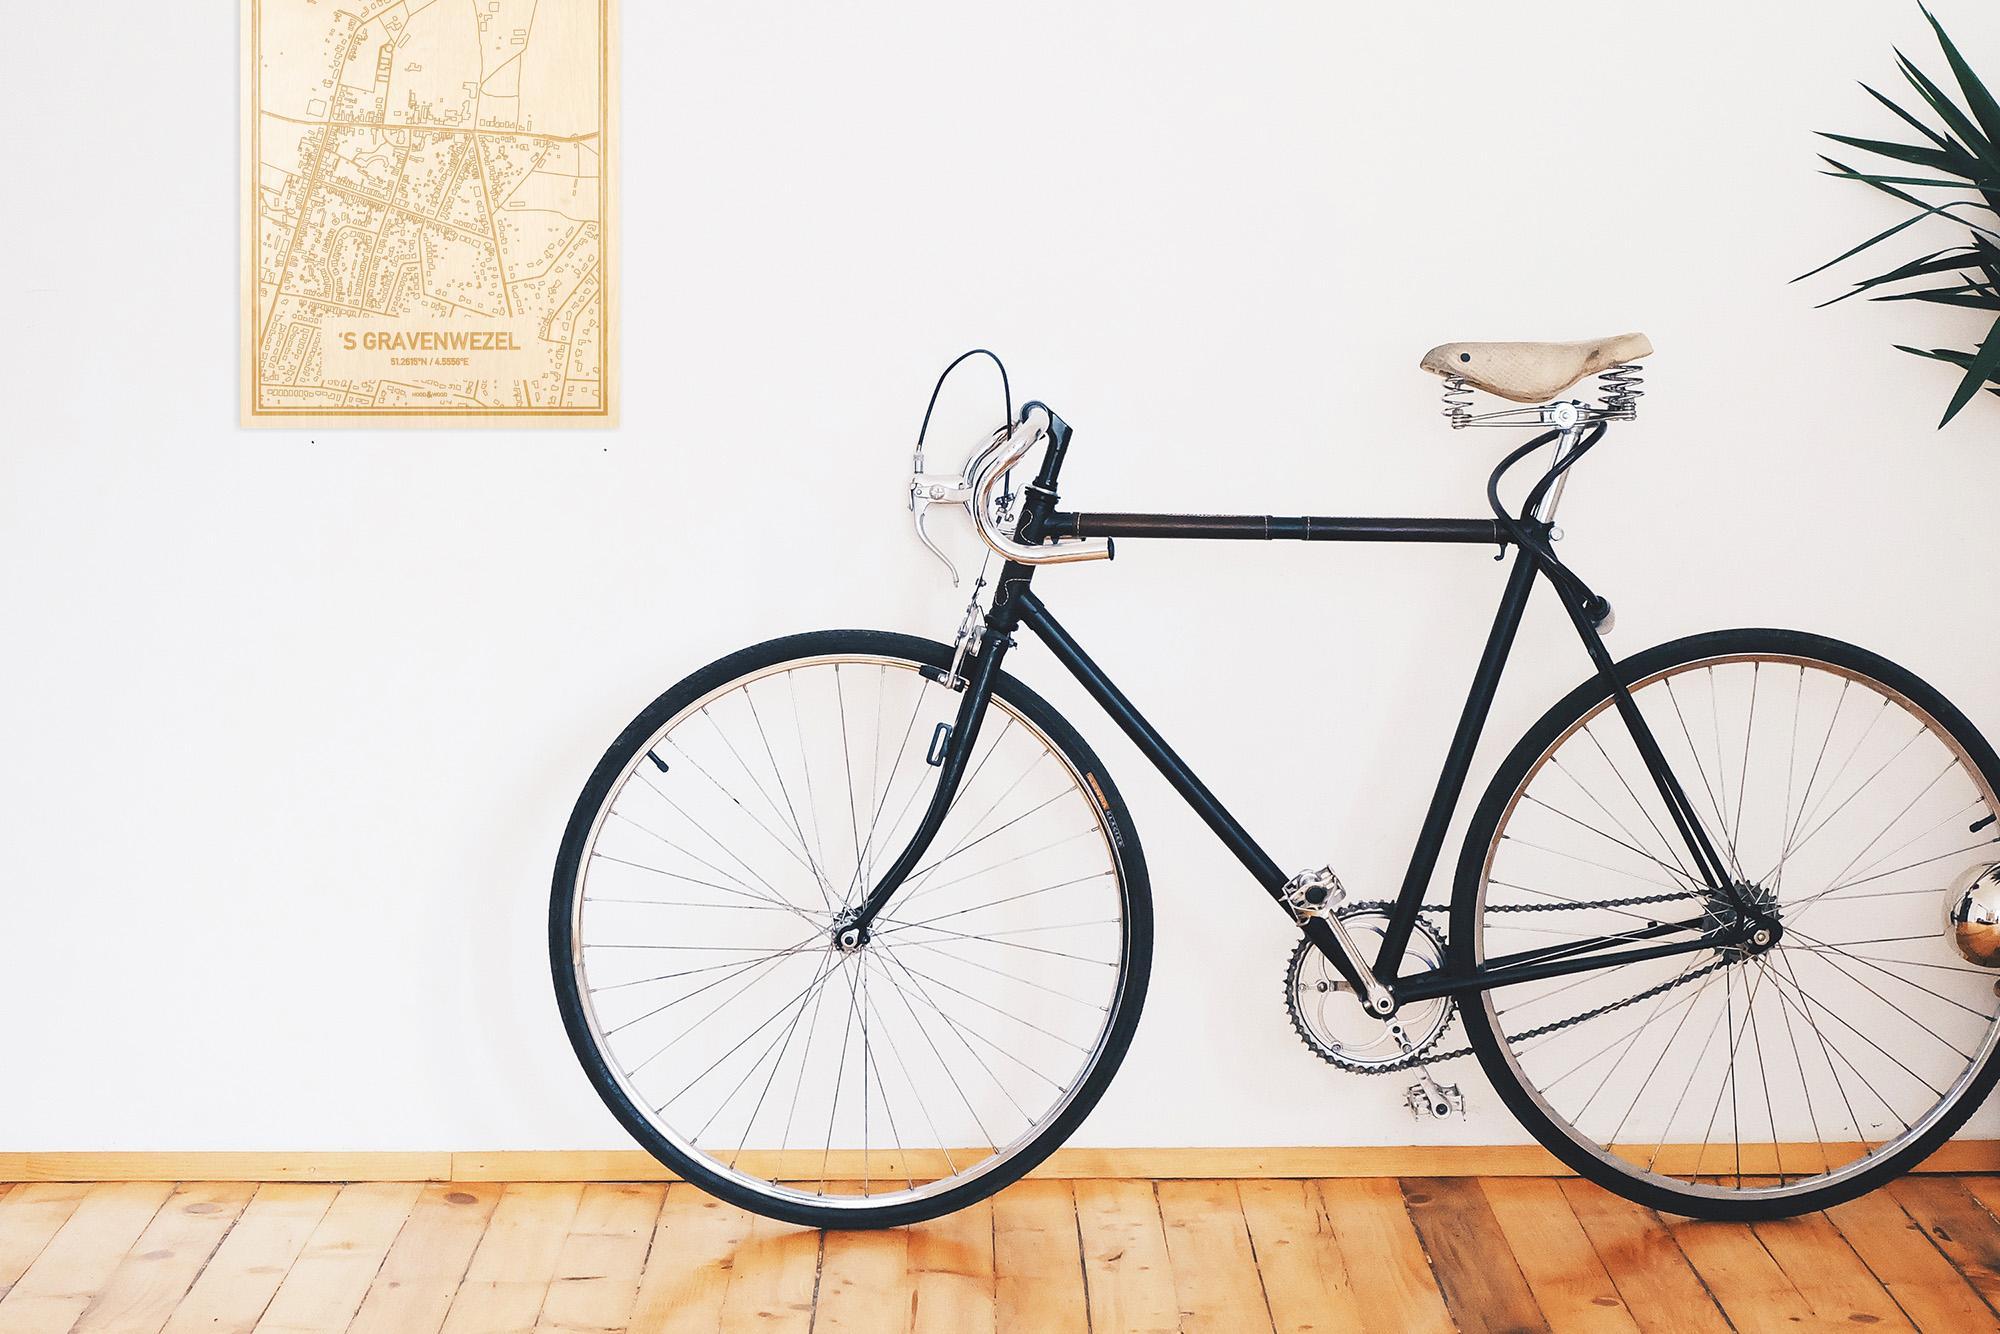 Een snelle fiets in een uniek interieur in Antwerpen met mooie decoratie zoals de plattegrond 'S Gravenwezel.